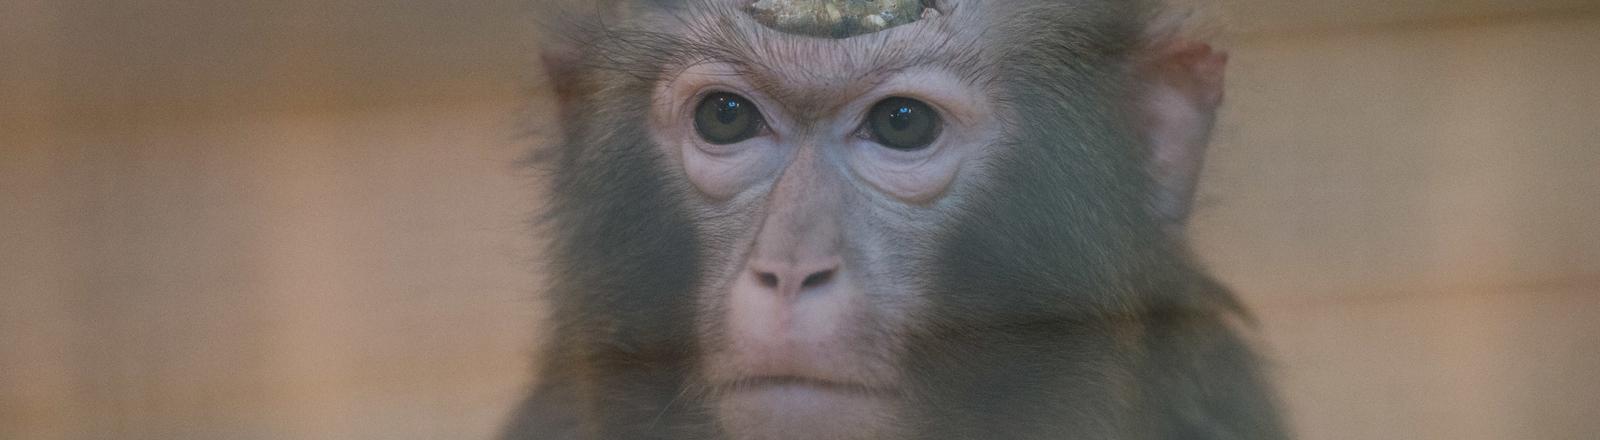 Affe mit einem Implantat auf dem Kopf